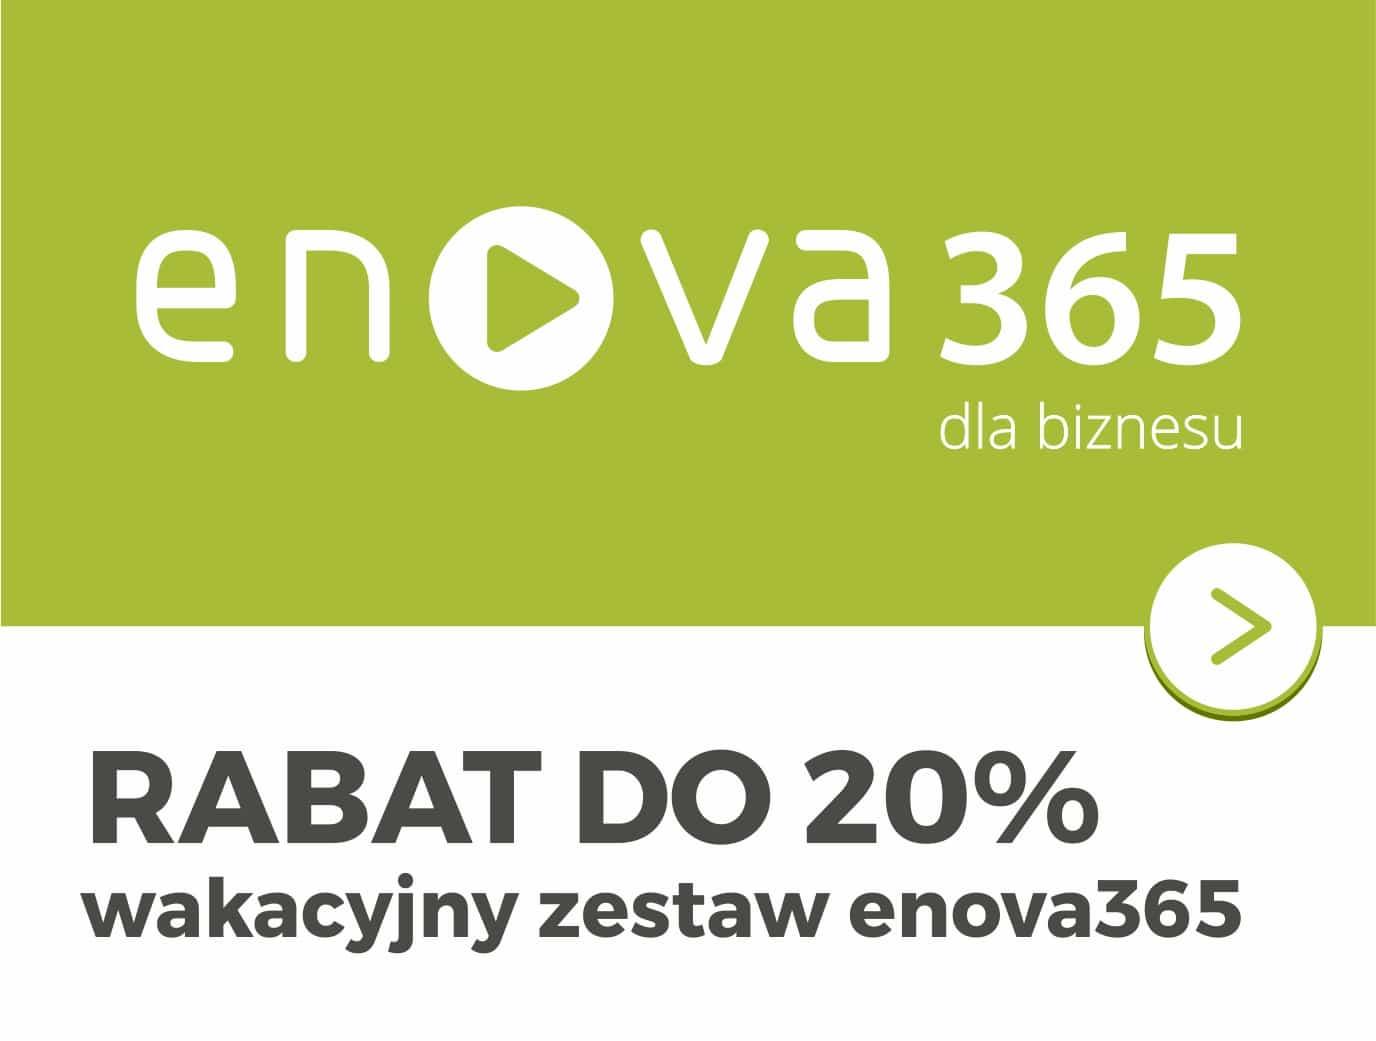 Wakacyjny zestaw enova365 do 20% rabatu